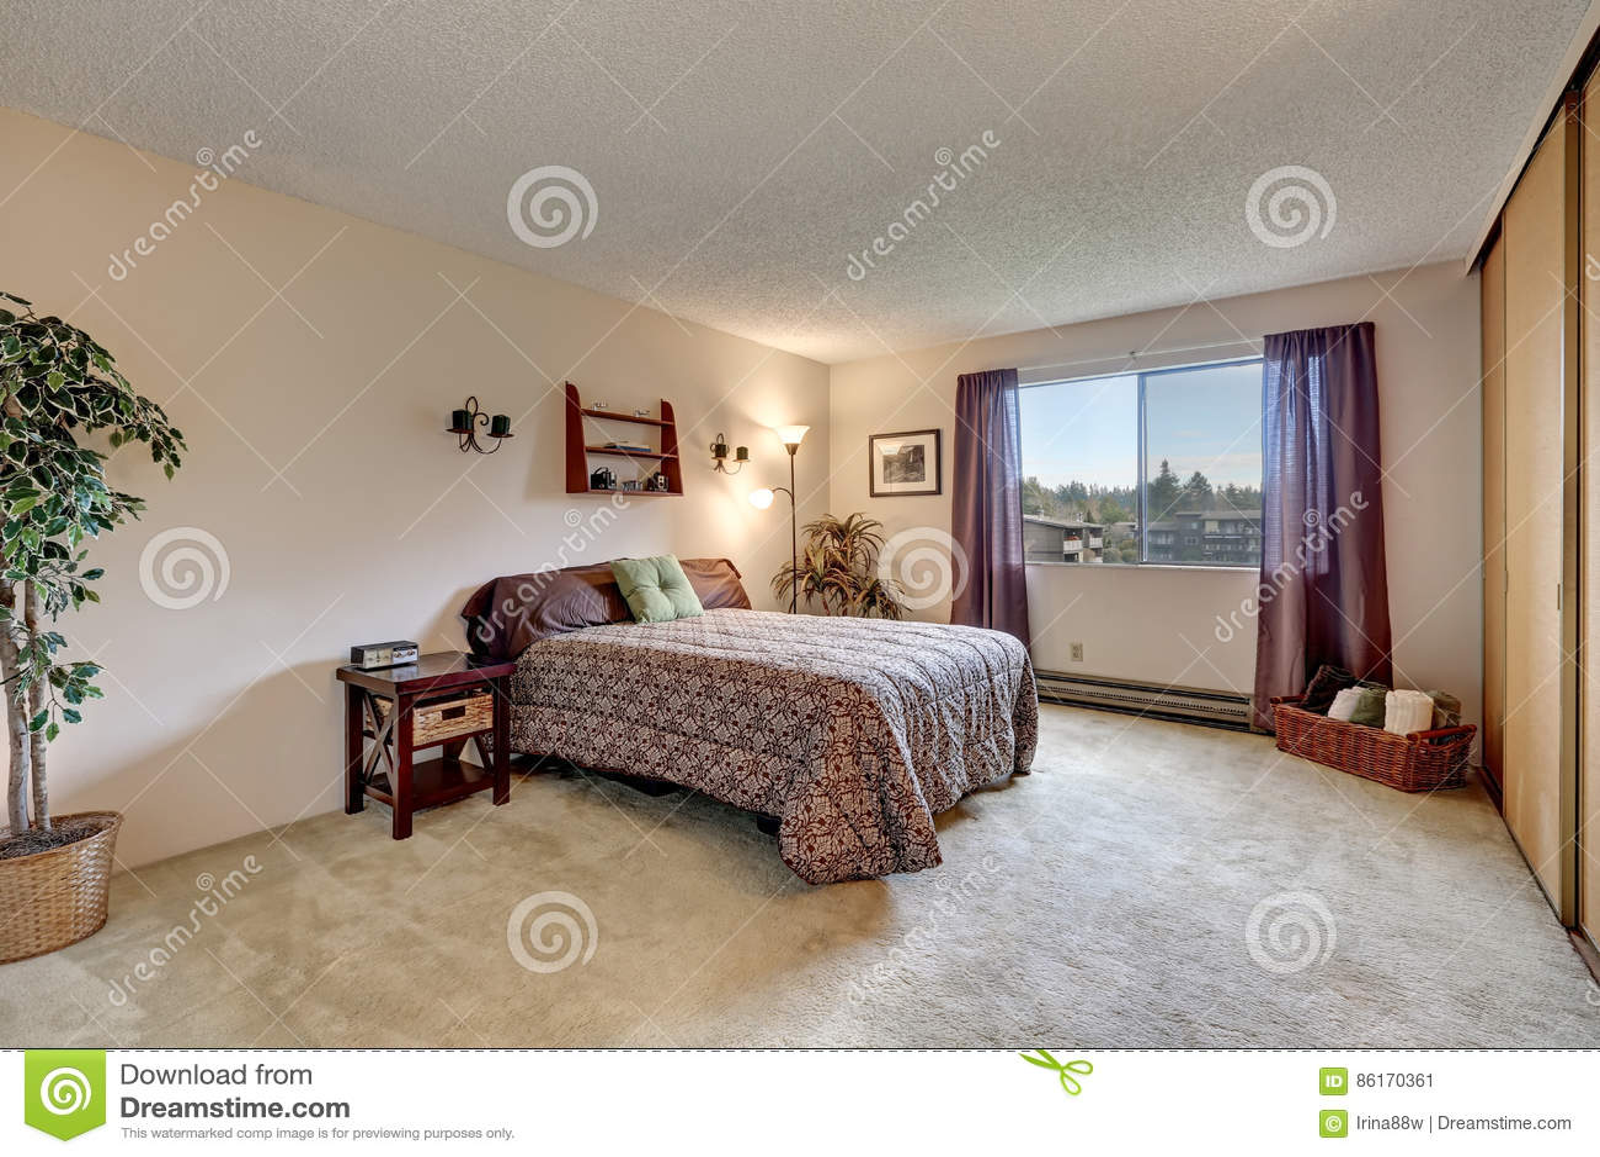 Traditionelles Schlafzimmer Mit Warmen Beige Wanden Malen Farbe